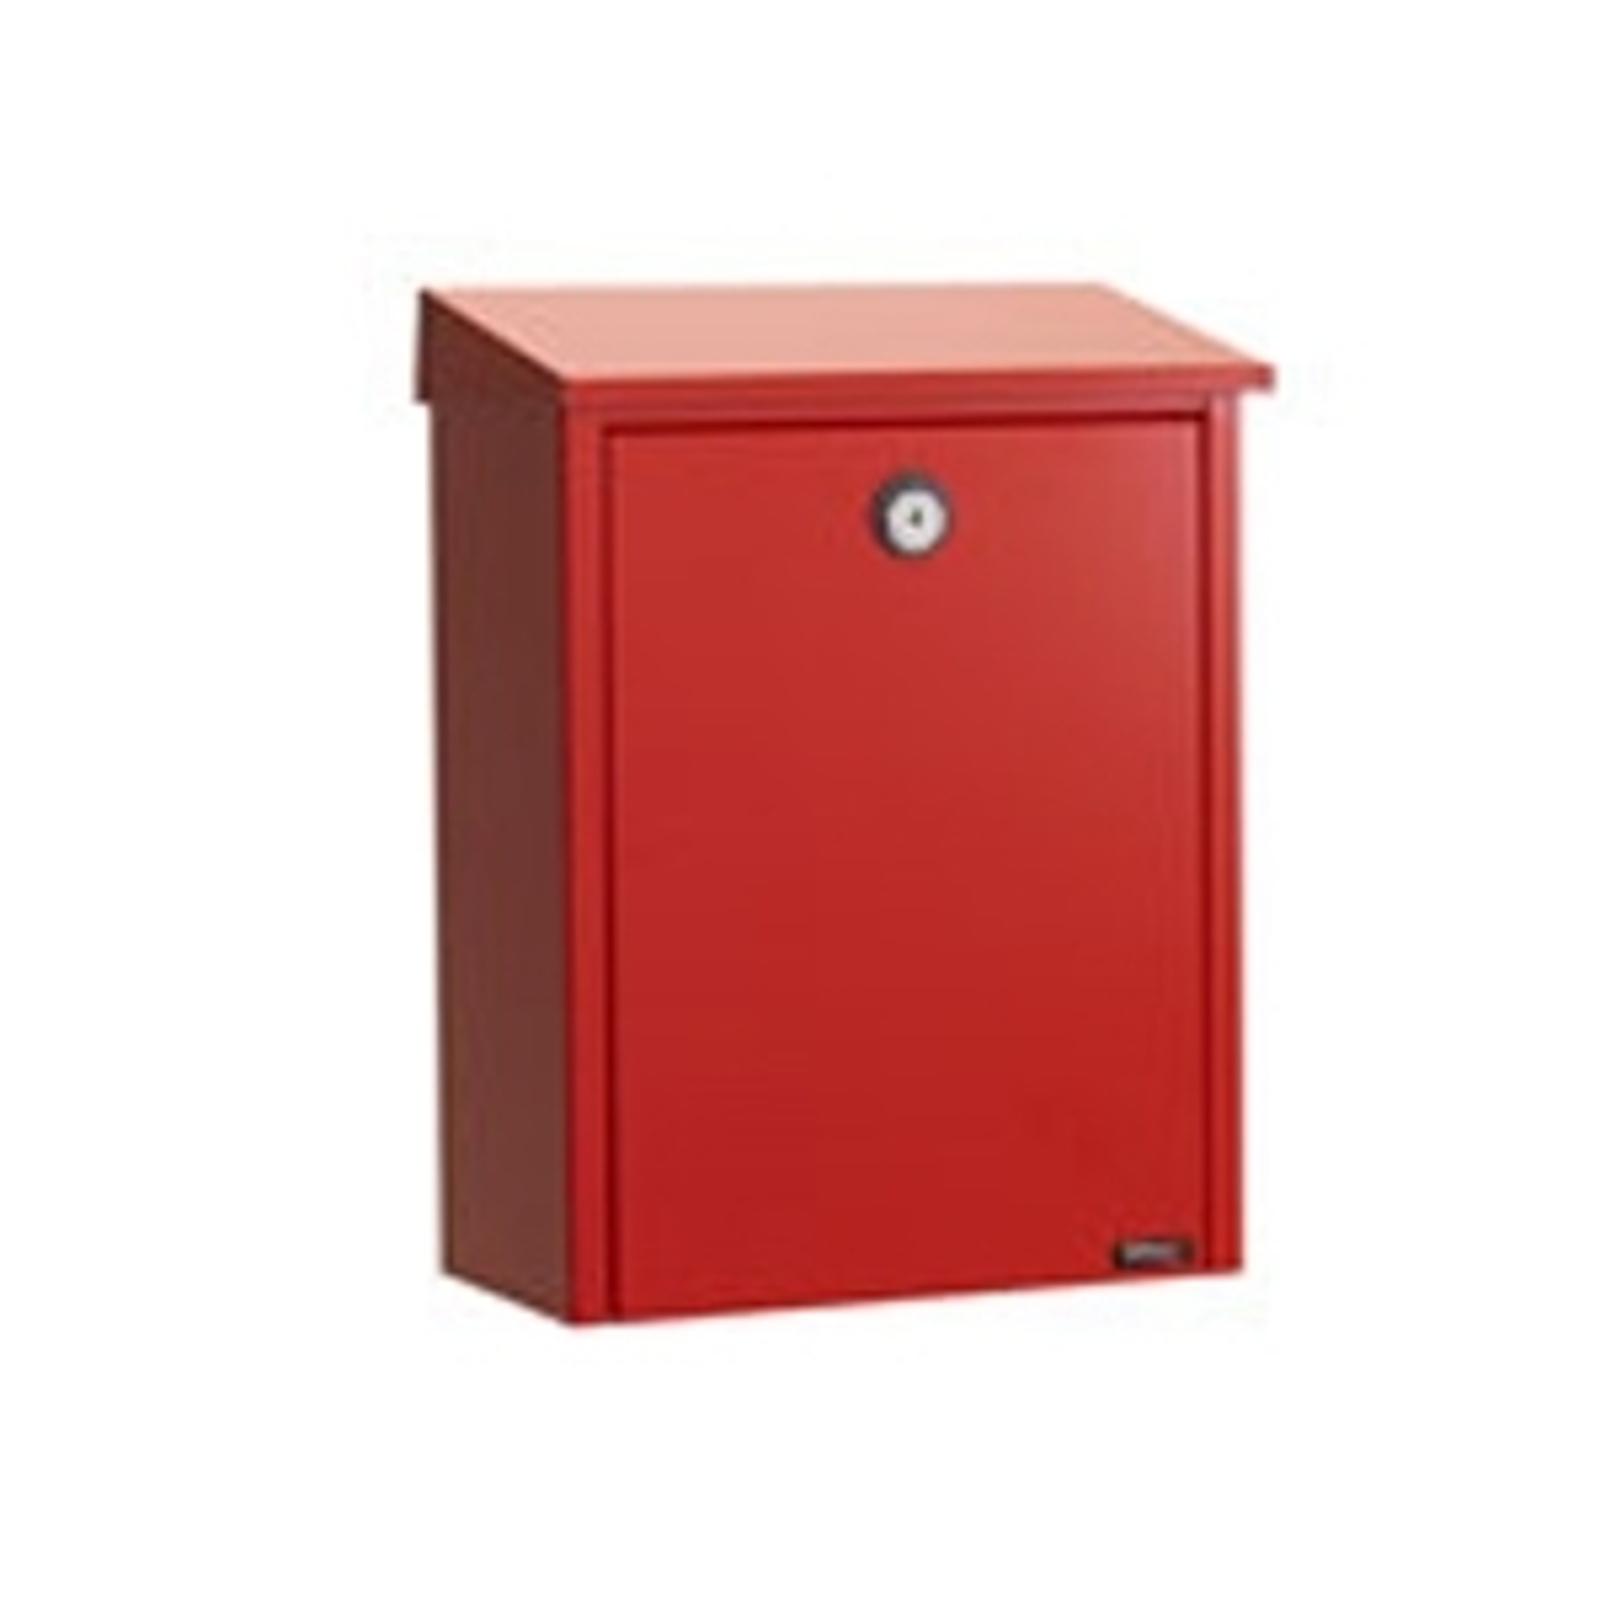 Prosta skrzynka pocztowa ze stali czerwona